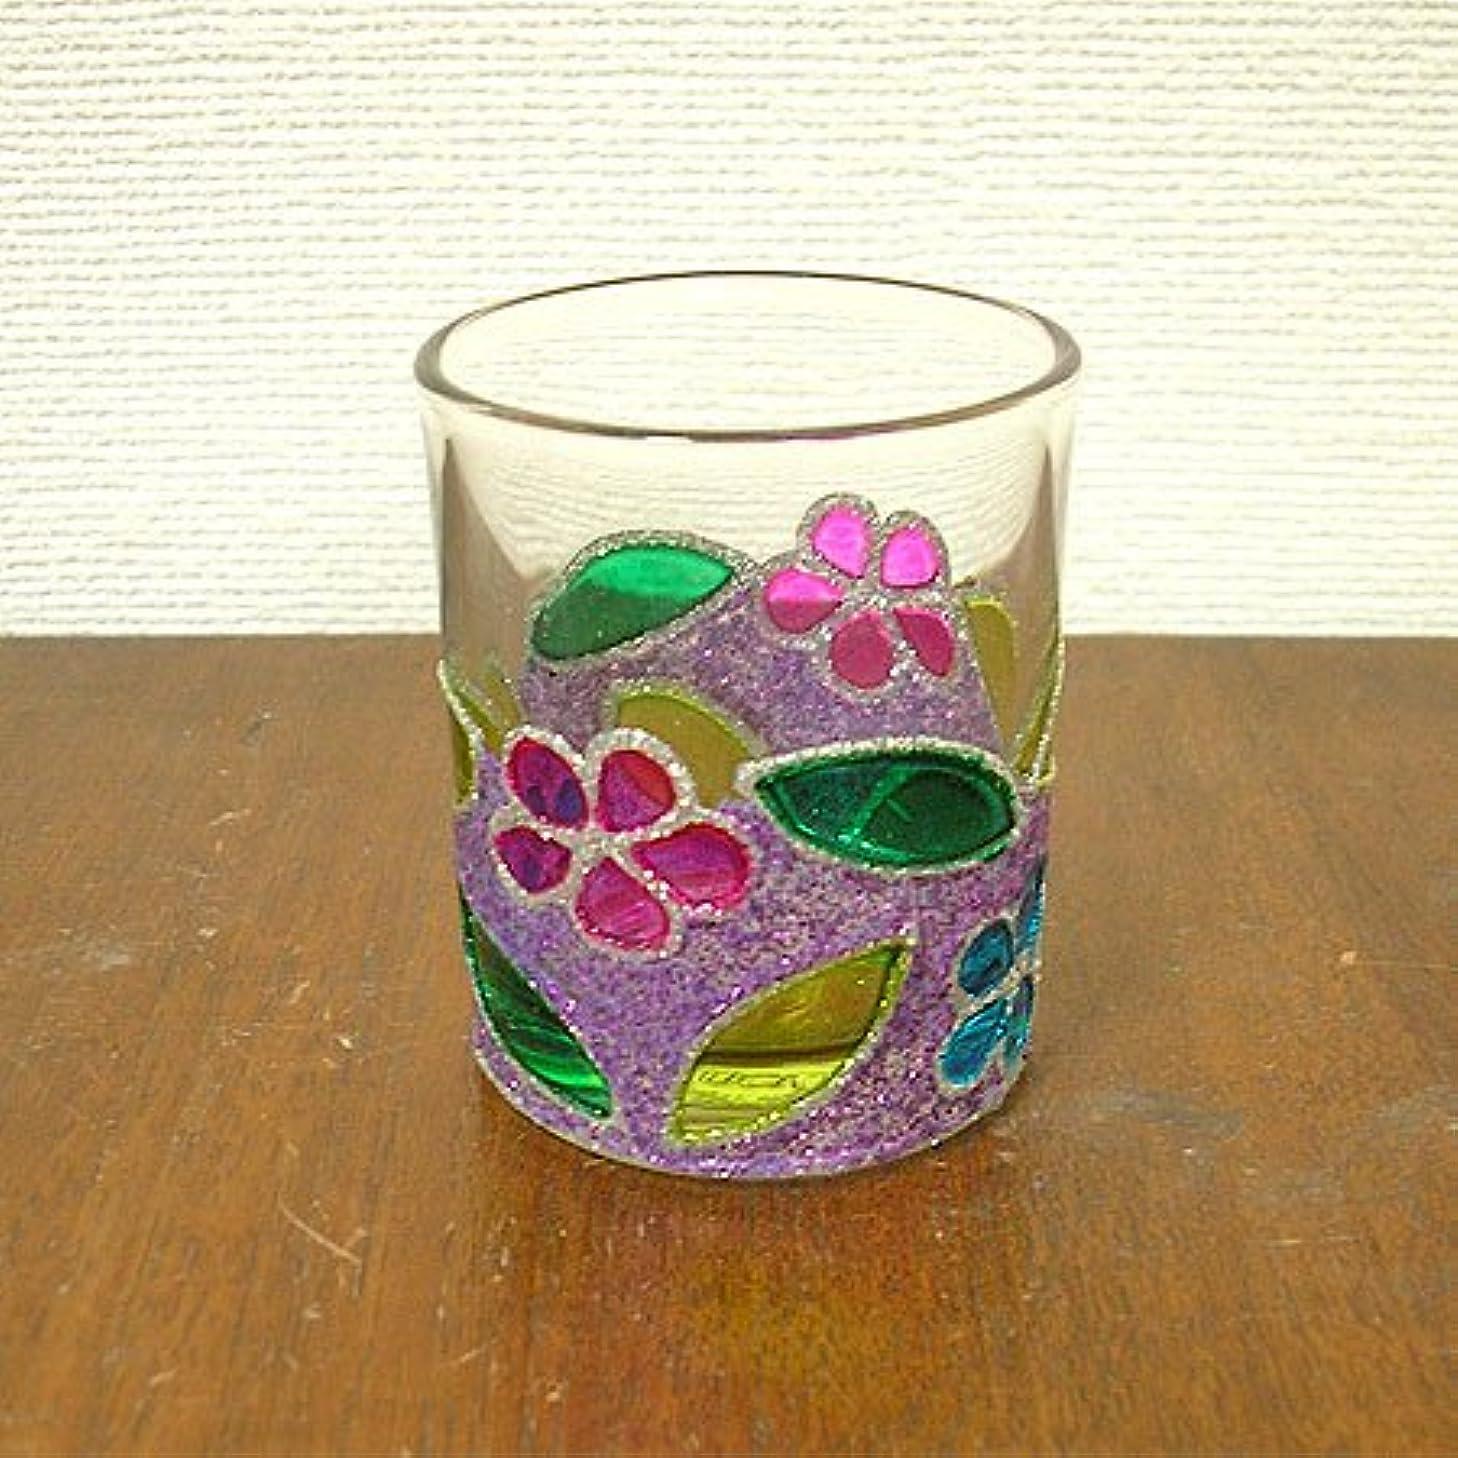 輝くカポックセクションアジアン キャンドルホルダー カップ グラス 花柄 パープル アジアン雑貨